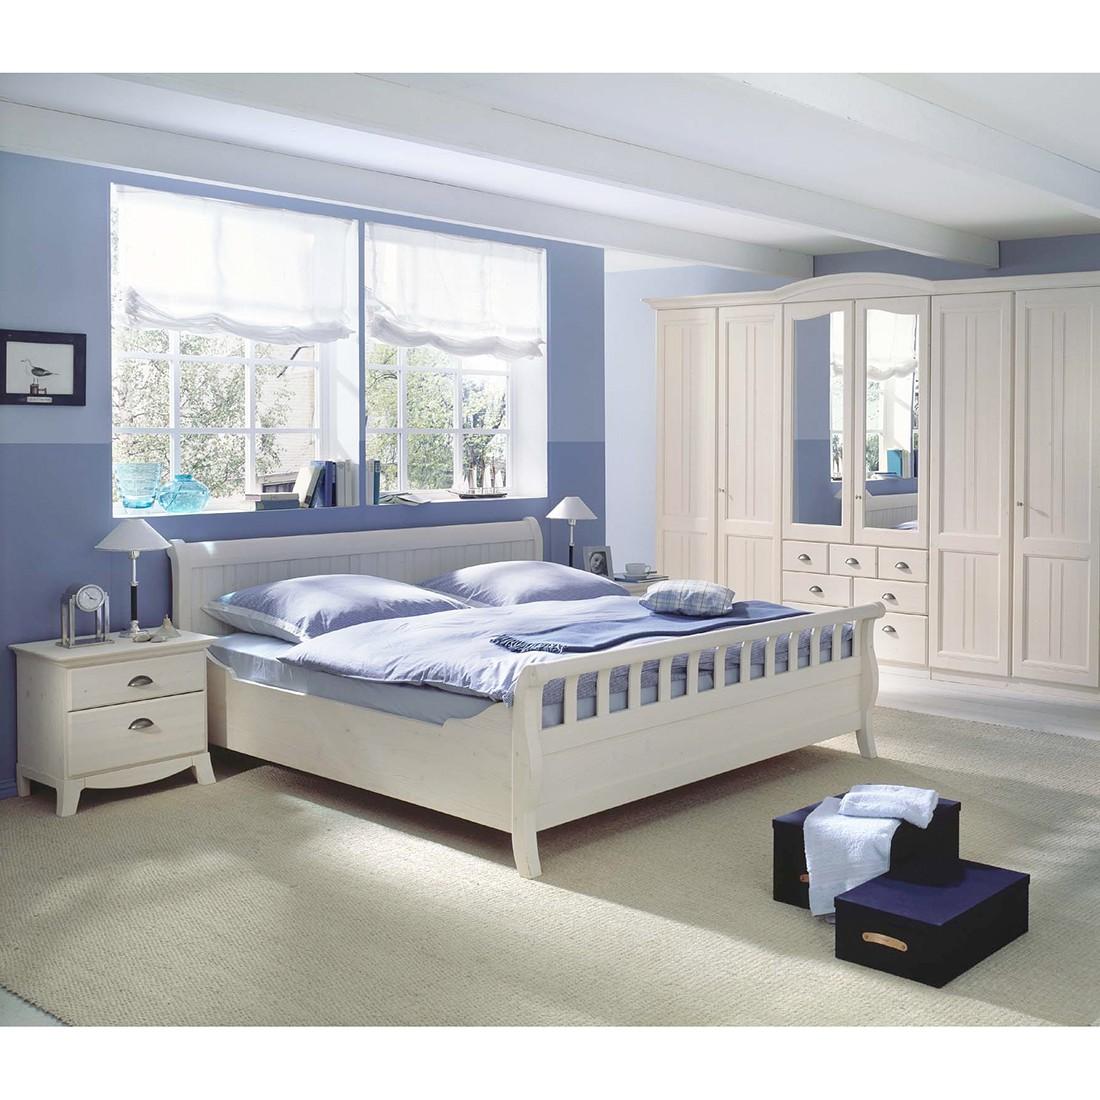 Schlafzimmerkombination Veneto I (4-teilig) – Fichte Weiß gewachst, LMIE online bestellen